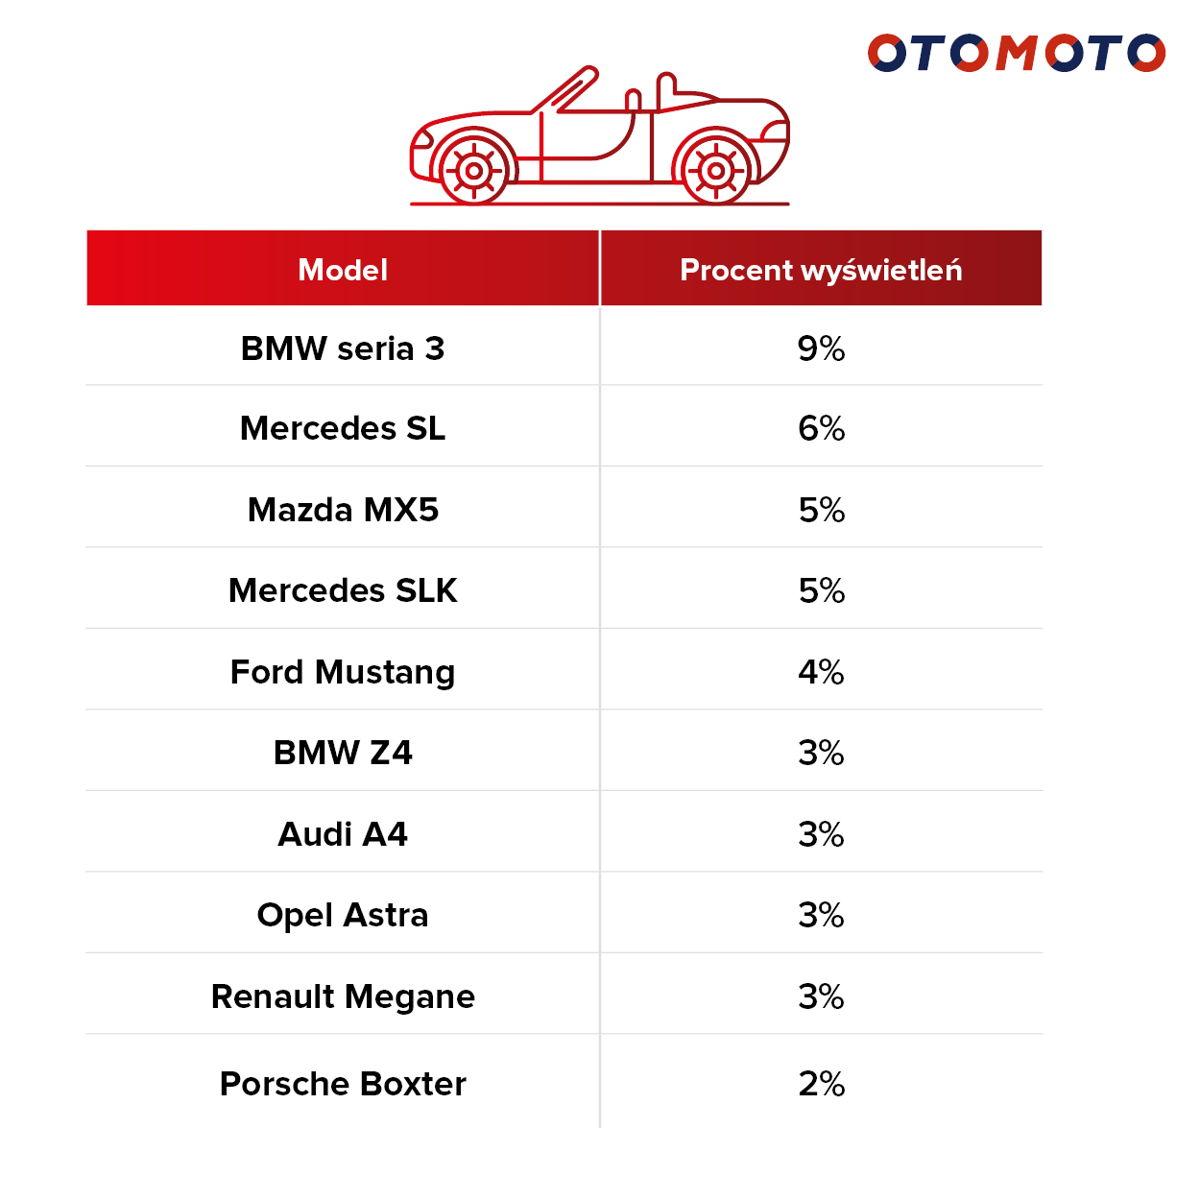 Top 10 najczęściej wyszukiwanych kabrioletów w OTOMOTO w okresie 05.18.-05.19.